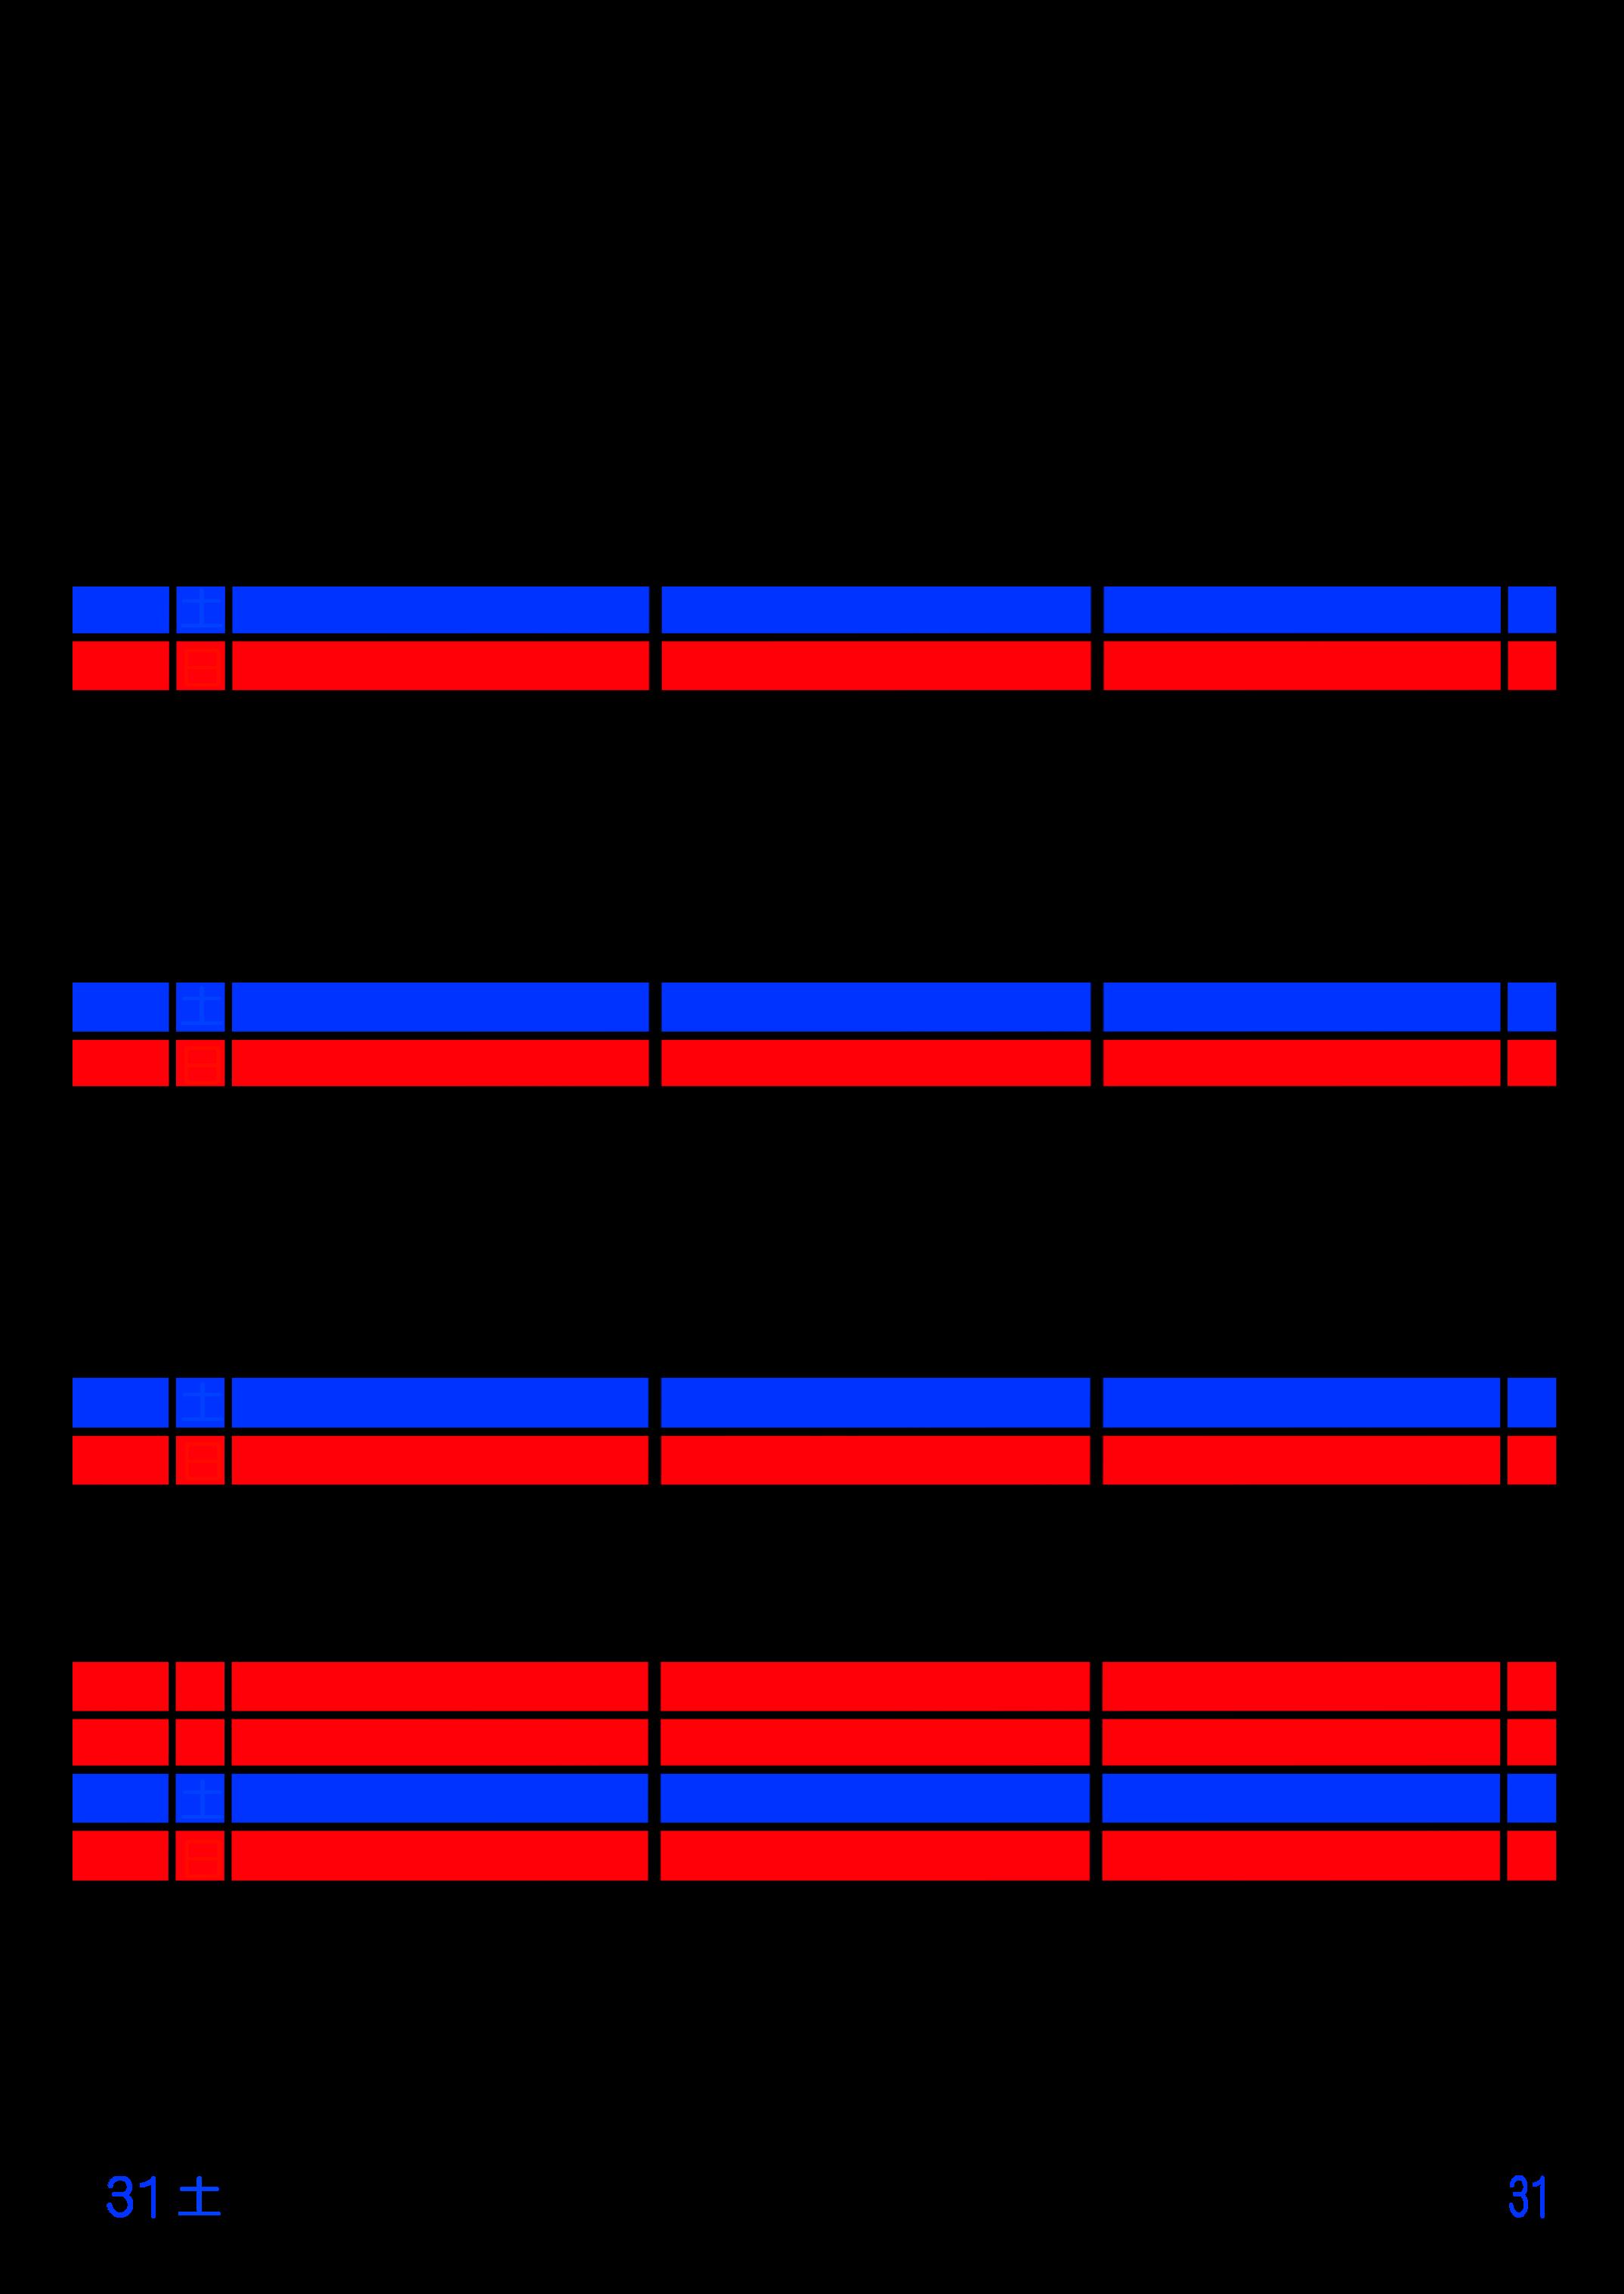 2021年家族カレンダー シンプル 背景透過PNG形式 3人用 7月